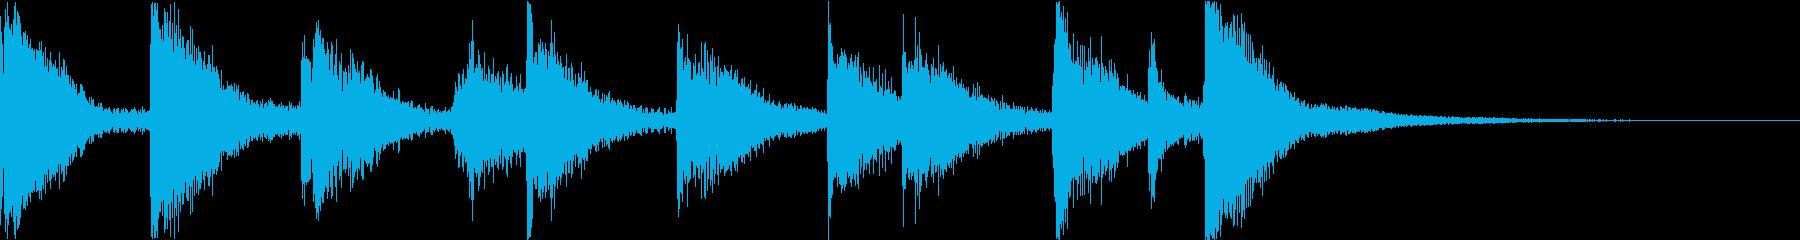 可愛らしい木琴のジングルの再生済みの波形